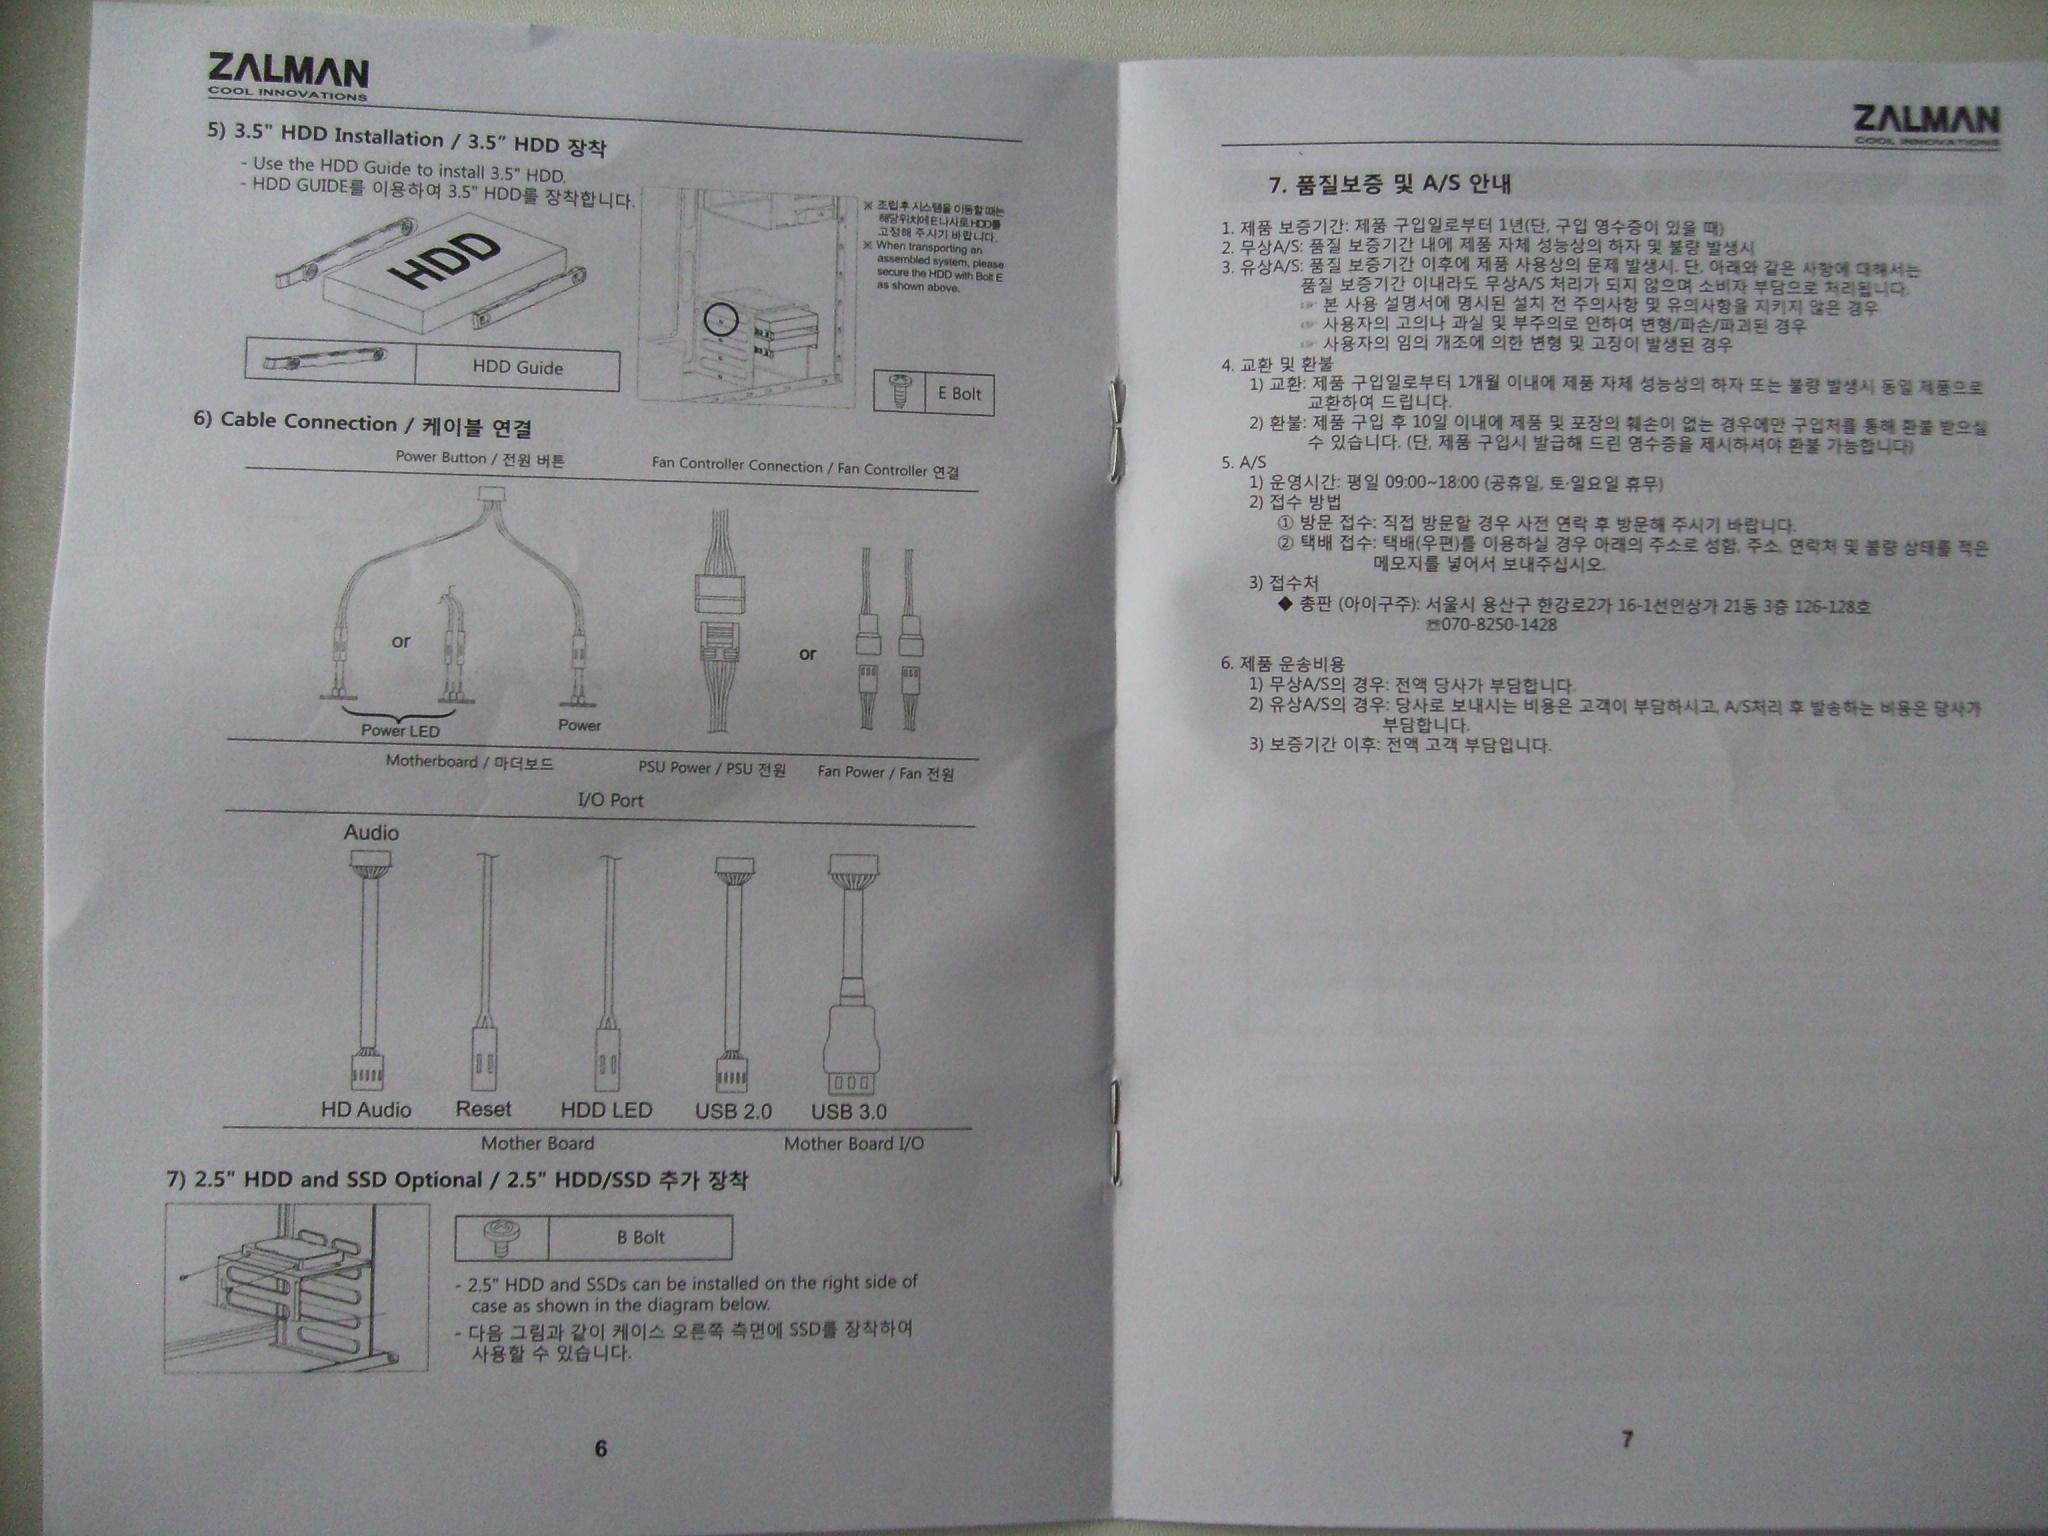 Отзывы покупателей о корпус zalman z3 plus белый dns технопоинт.